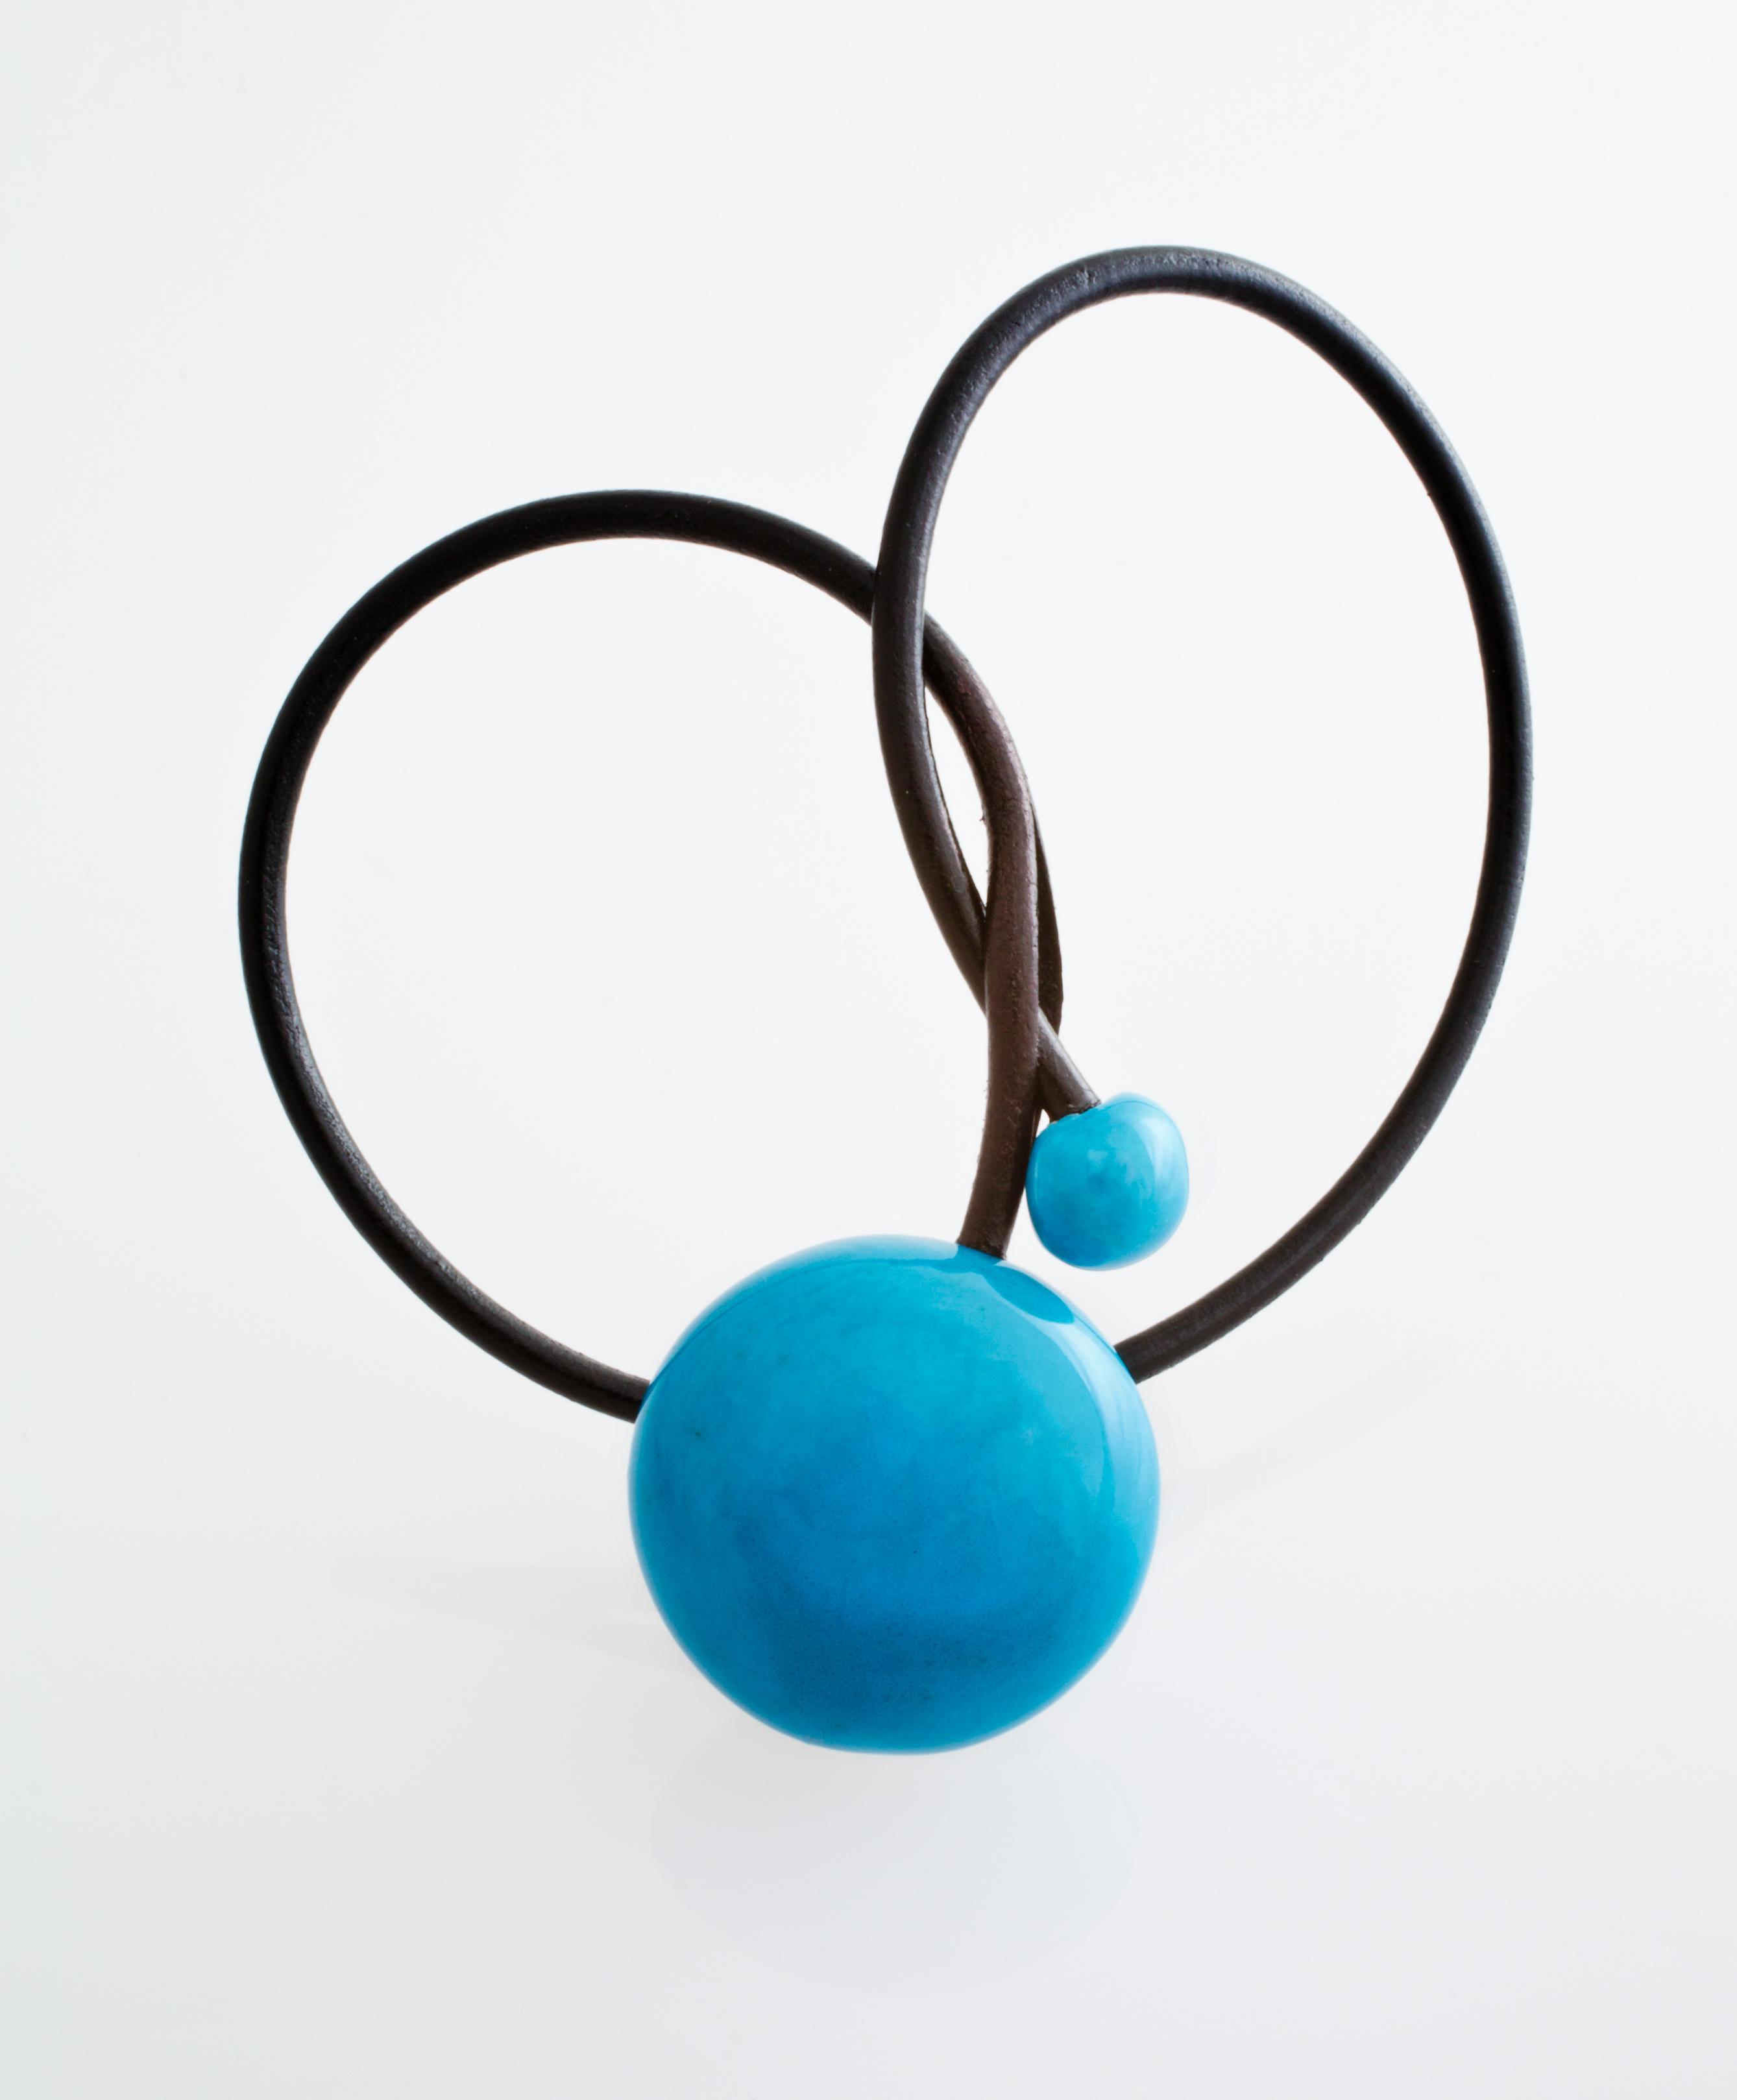 Gevole ネックレス Turquoise/ターコイズ